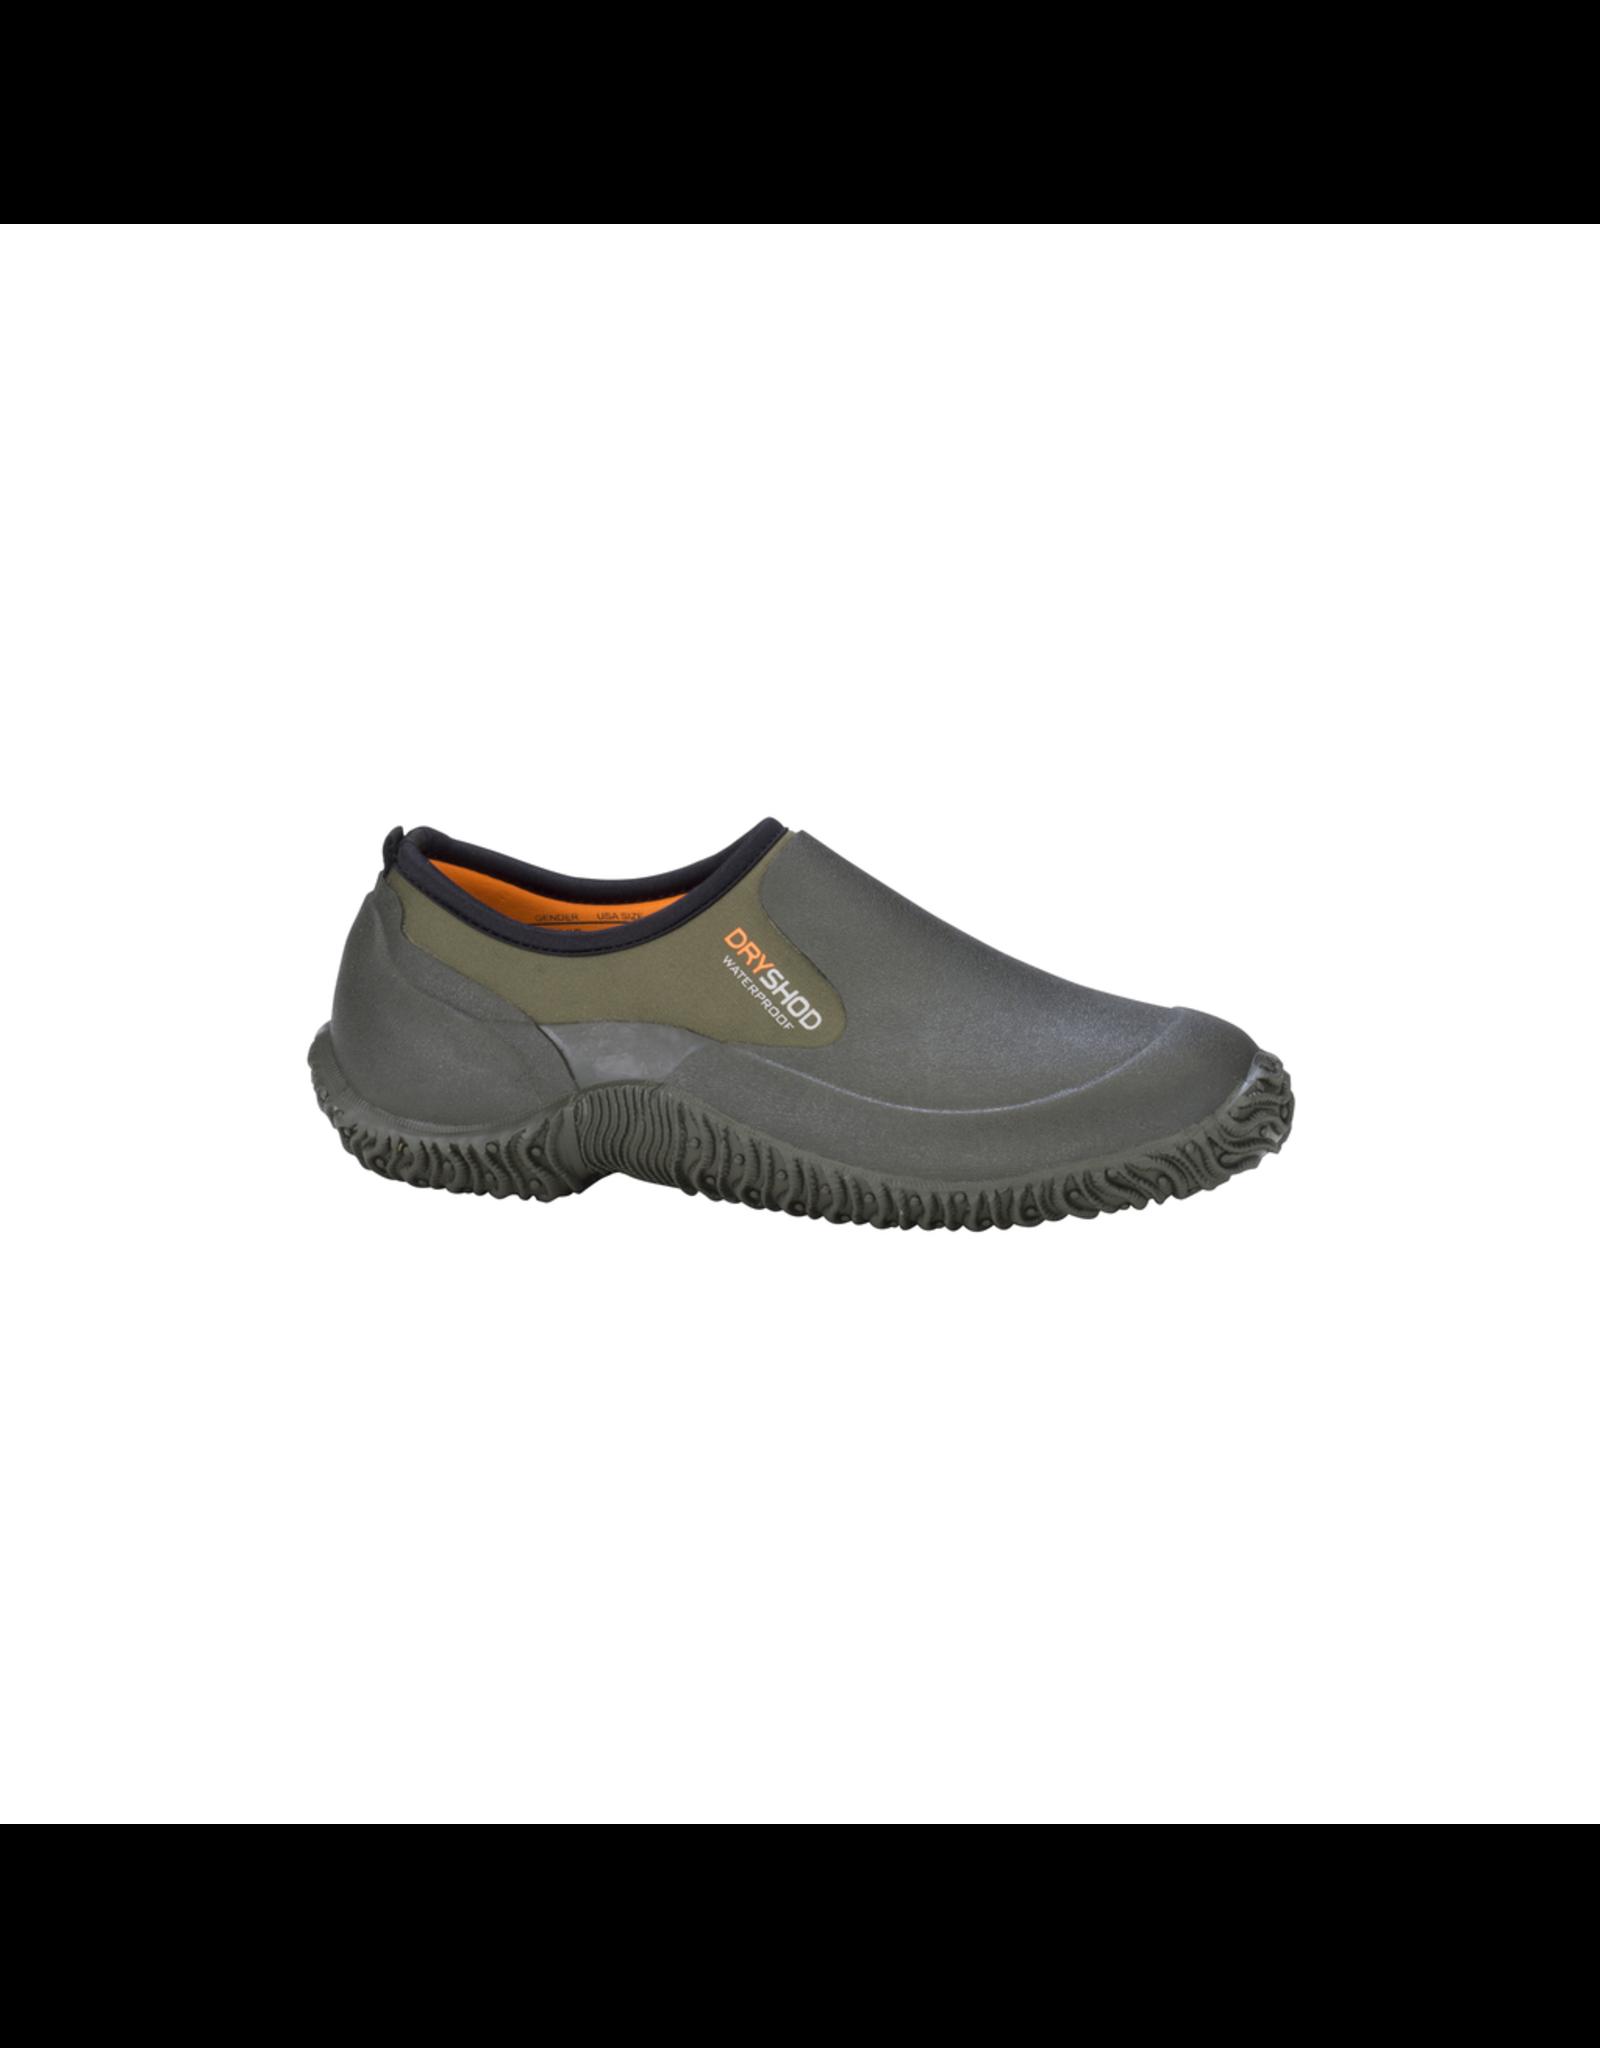 Boots-Men DRYSHOD Legend Camp Shoe LGD-MS